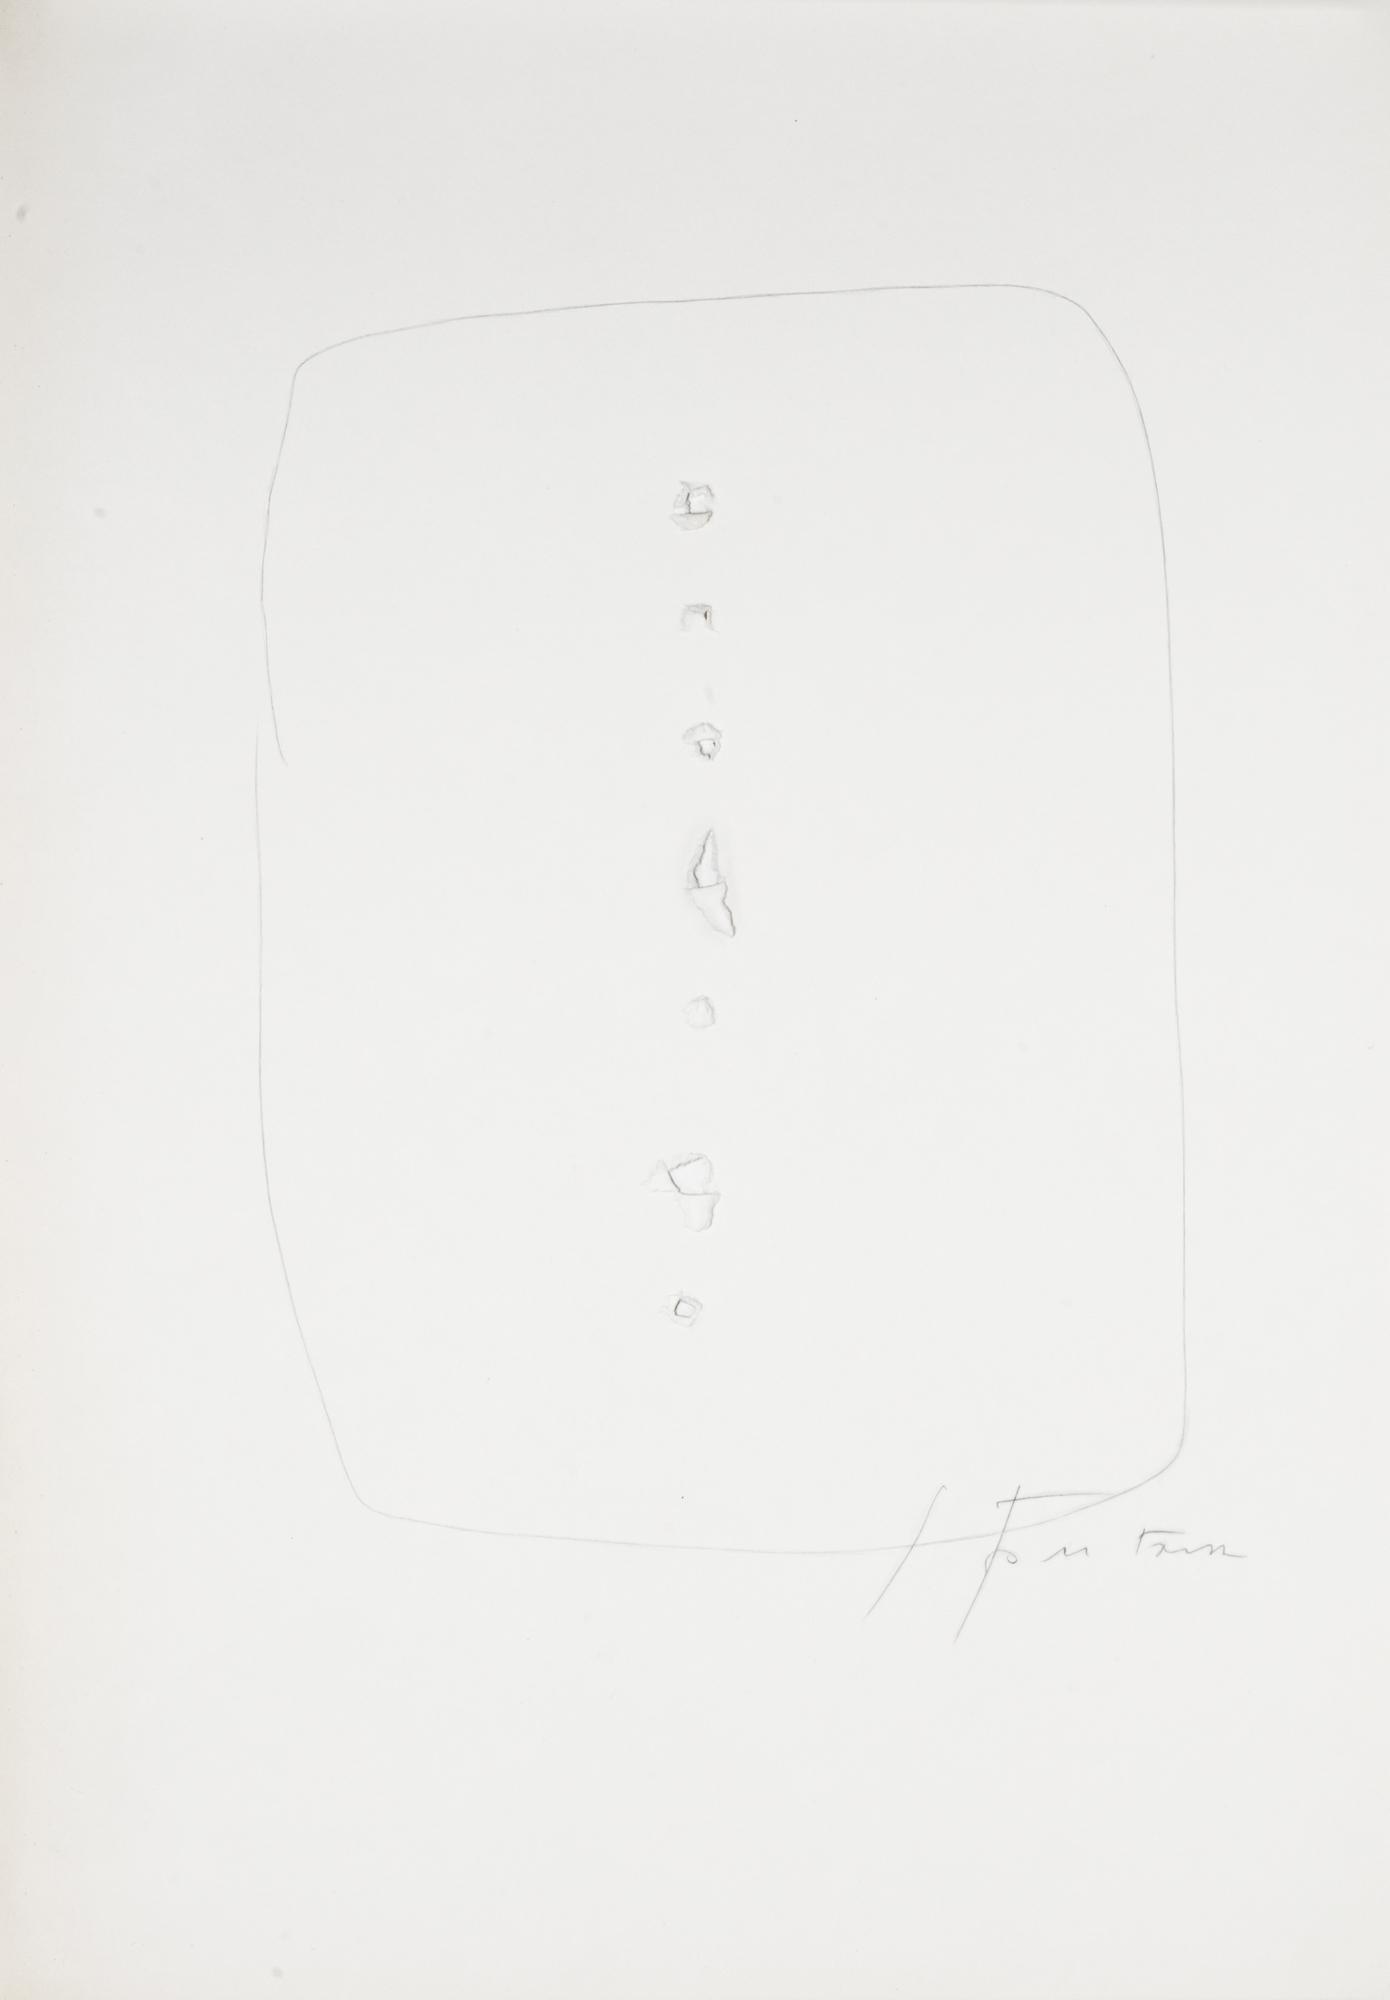 Documenti e personaggi 1: Manifiesto Blanco 1946